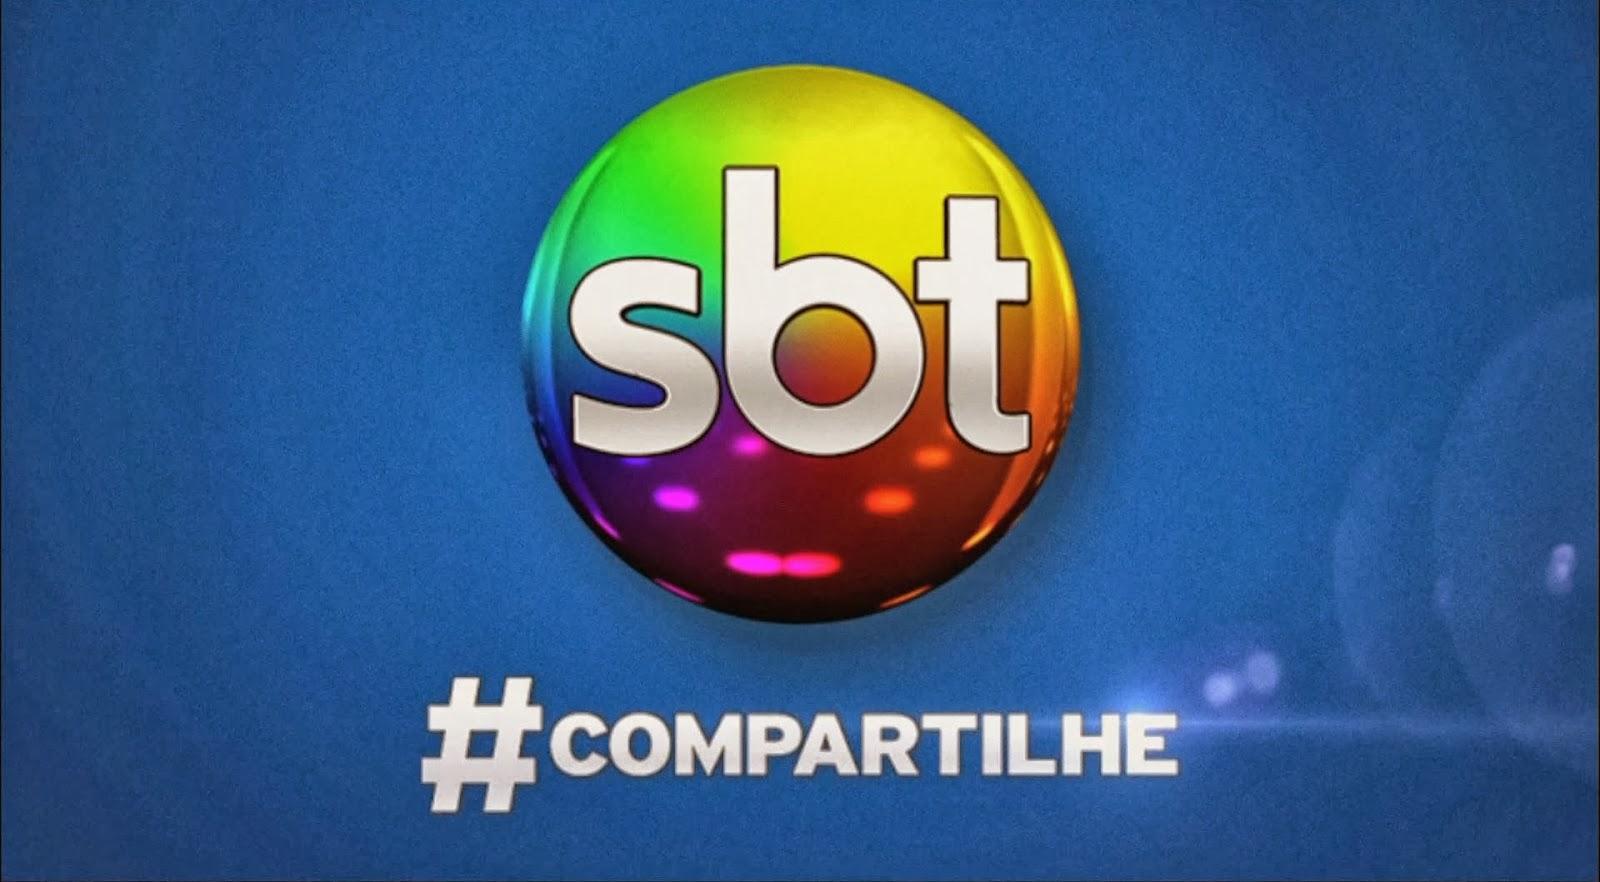 SBT-logo